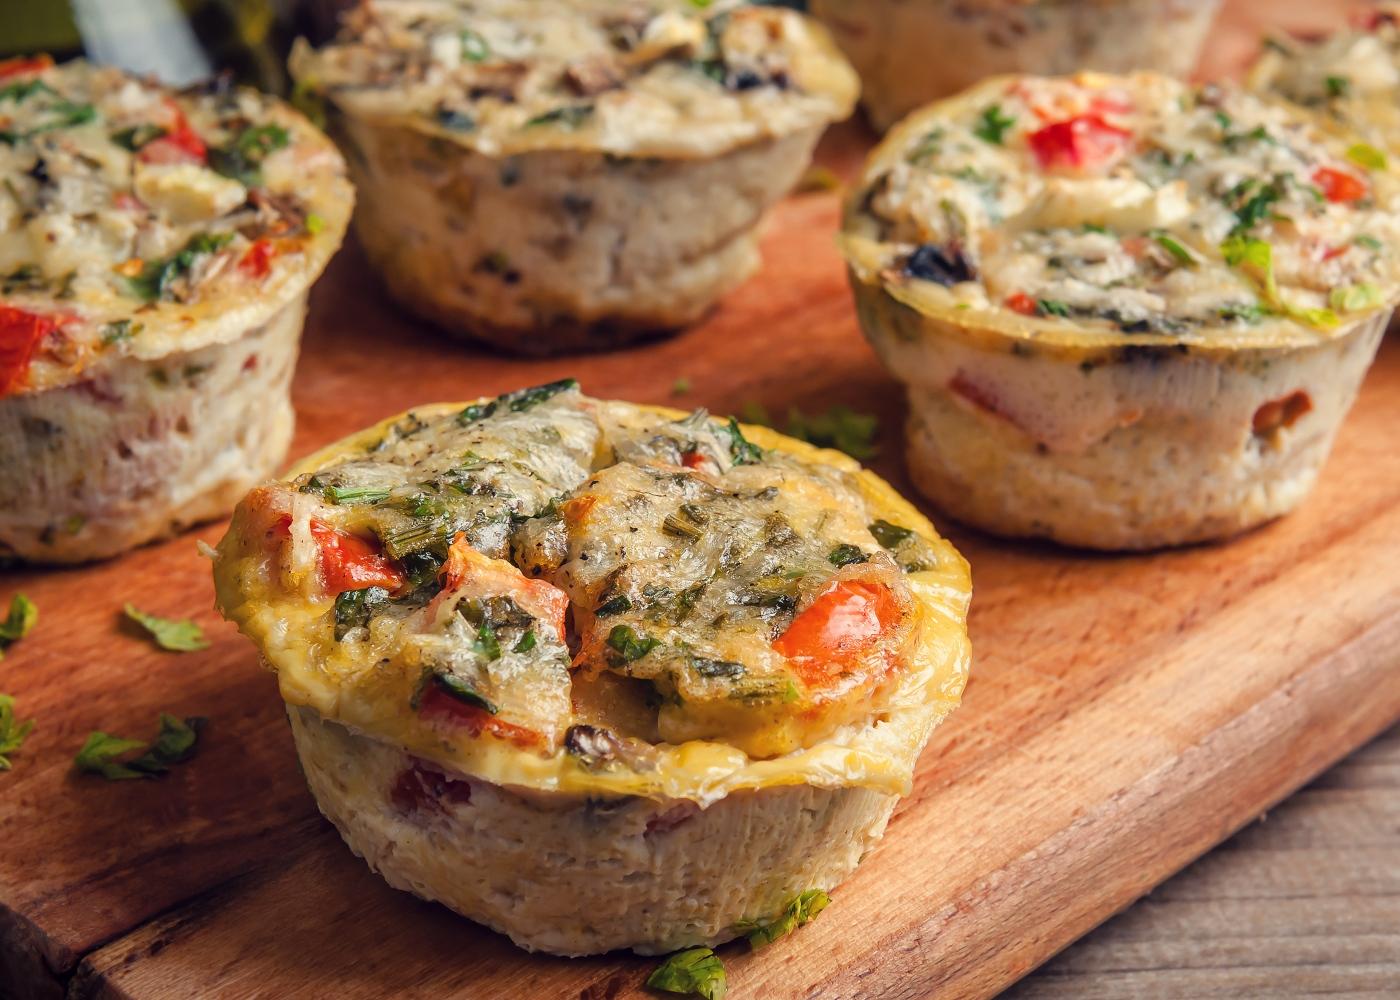 Egg muffins de legumes em cima de tábua de madeira